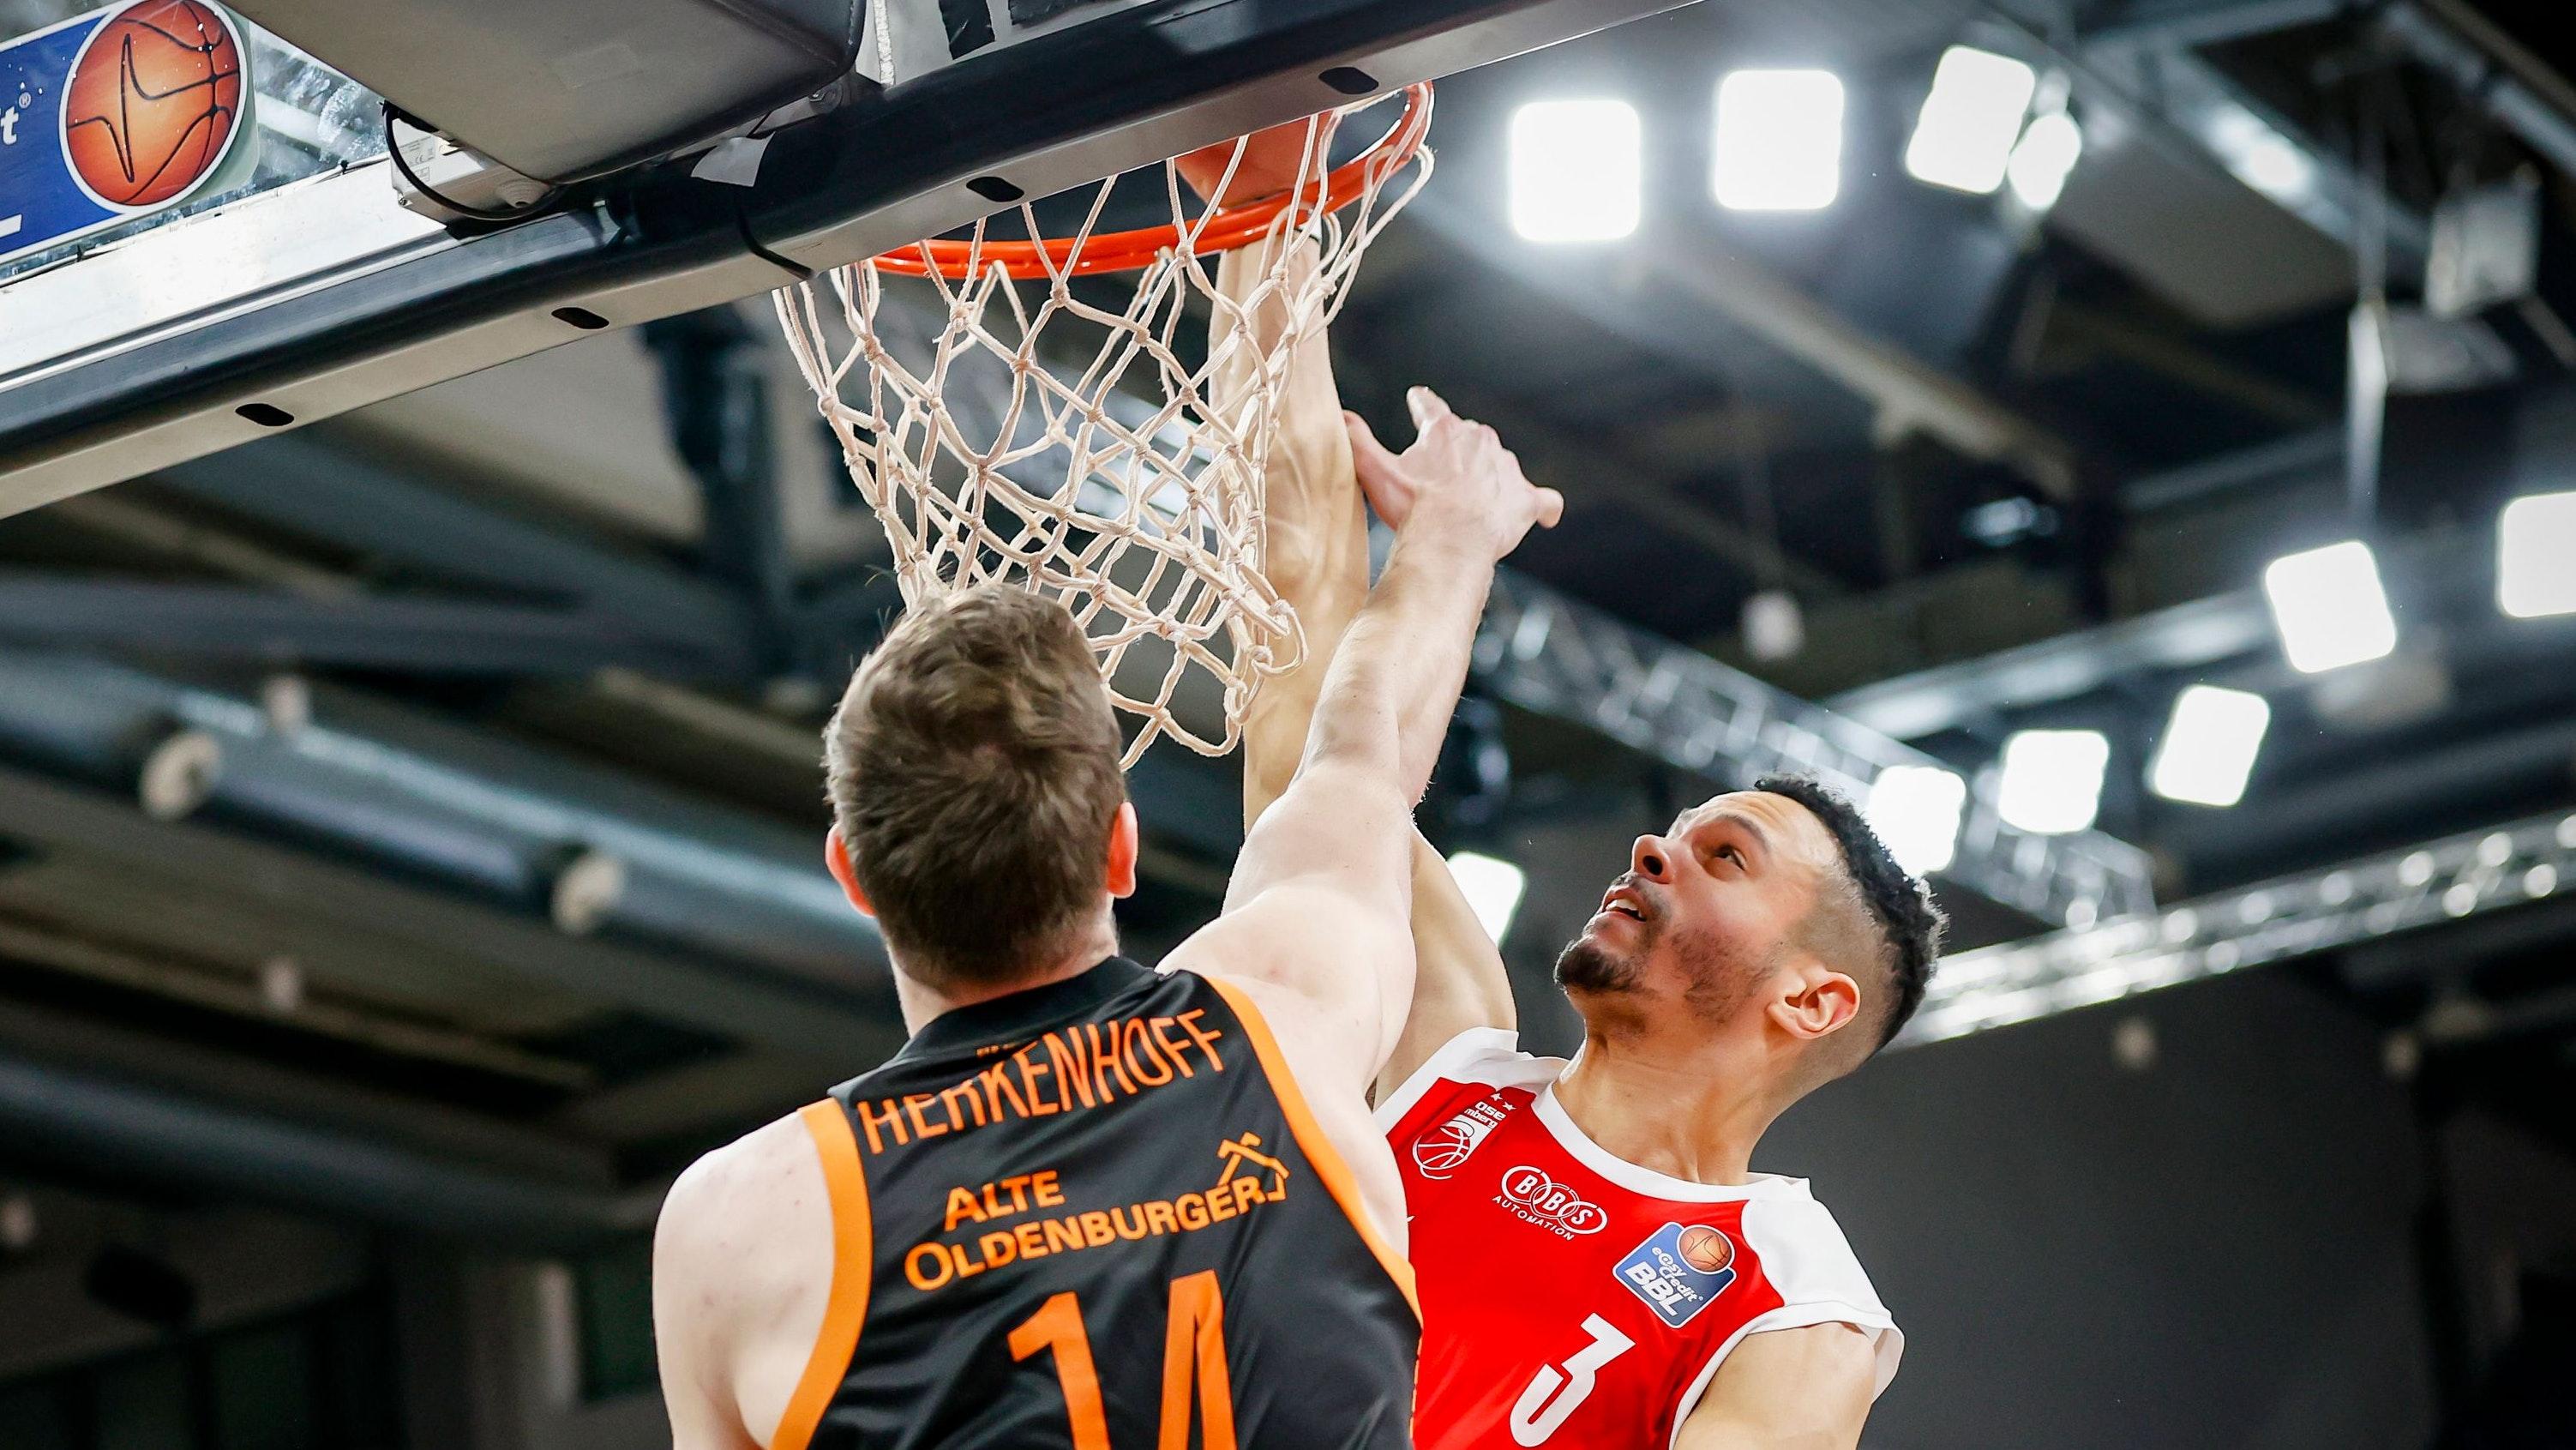 Einen Tick zu spät: Rastas Philipp Herkenhoff gegen Bambergs Dominic Lockhart. Foto: Löb